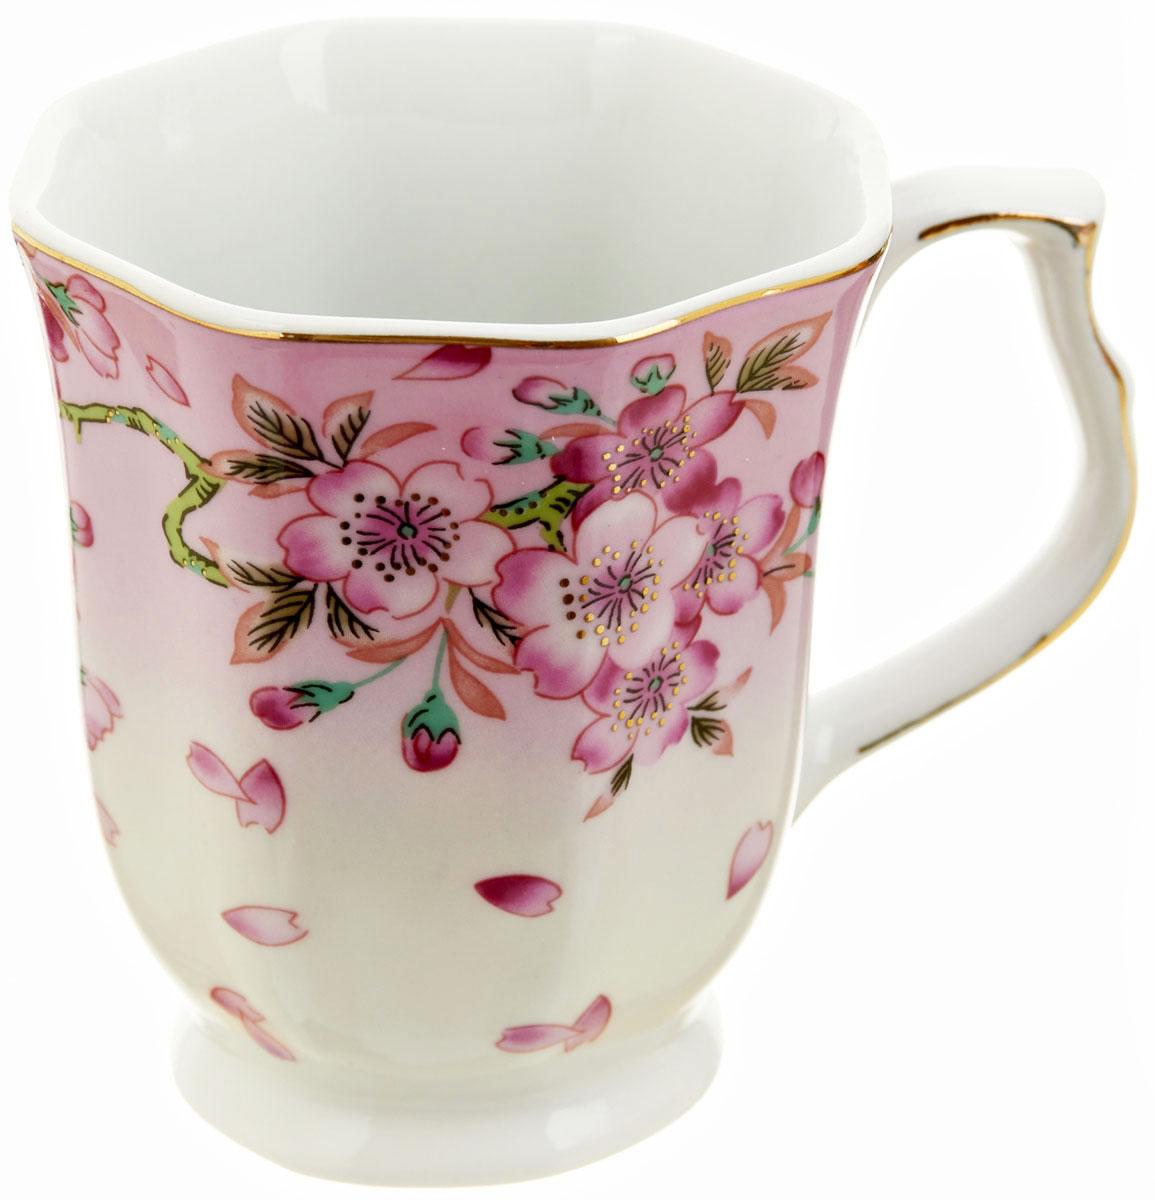 Кружка BHP Яблоневый цвет, 350 мл115510Оригинальная кружка Best Home Porcelain, выполненная из высококачественного фарфора, сочетает в себе простой, утонченный дизайн с максимальной функциональностью. Можно использовать в посудомоечной машине.